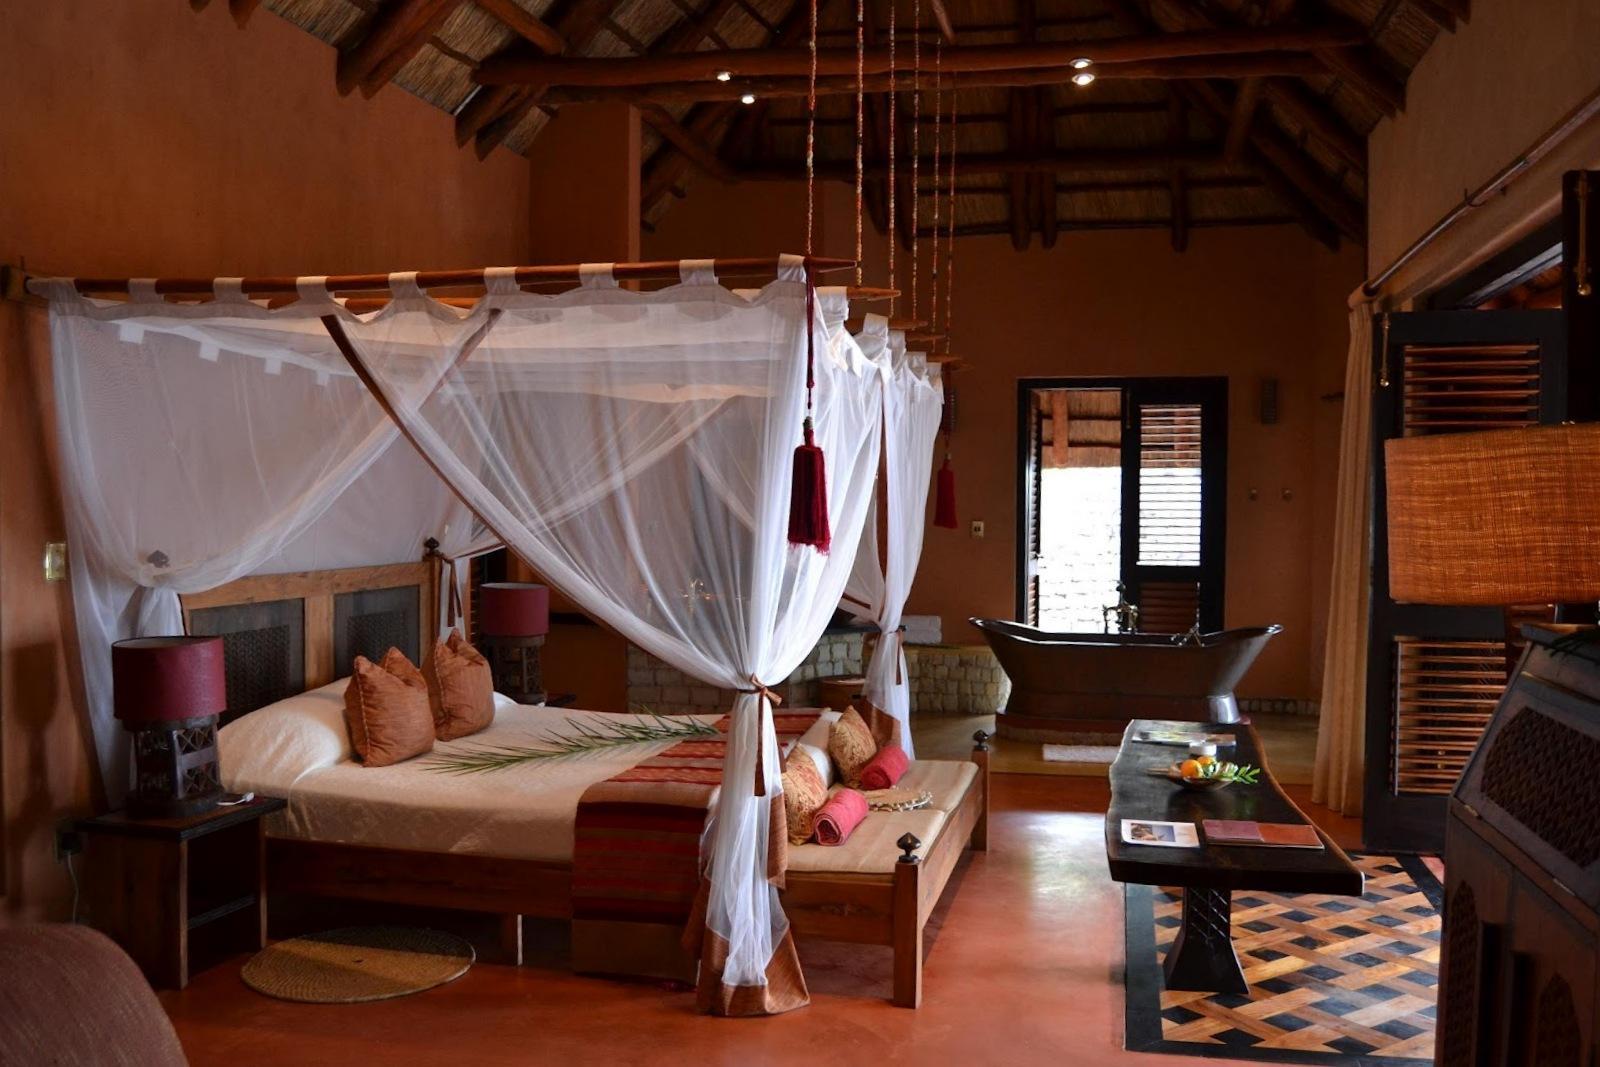 Dormitorios de estilo colonial - Dormitorio estilo colonial ...